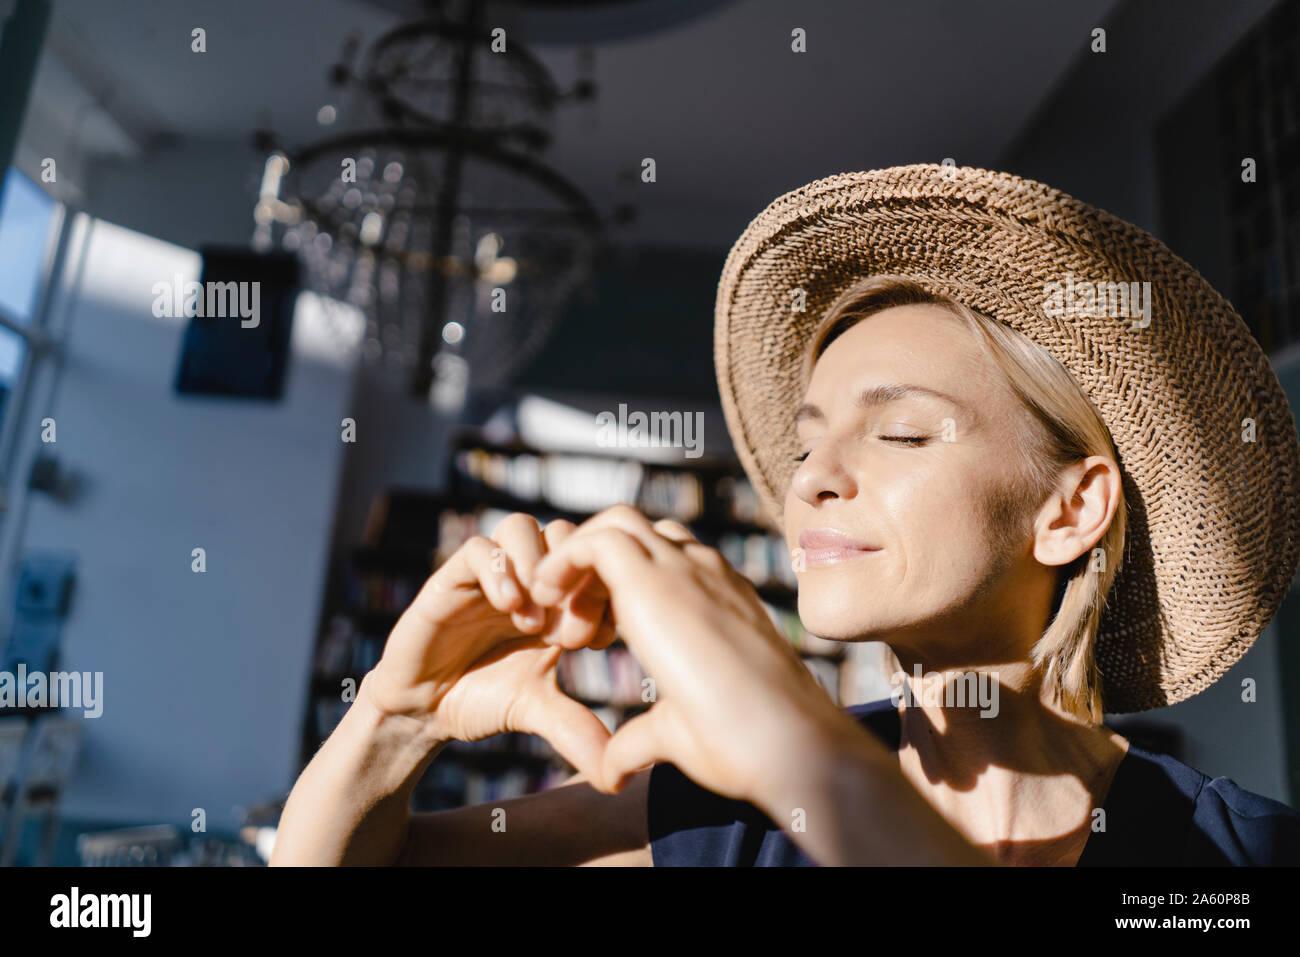 Mujer con sombrero de paja, mirando hacia el sol, haciendo dedo en forma de corazón frame Foto de stock